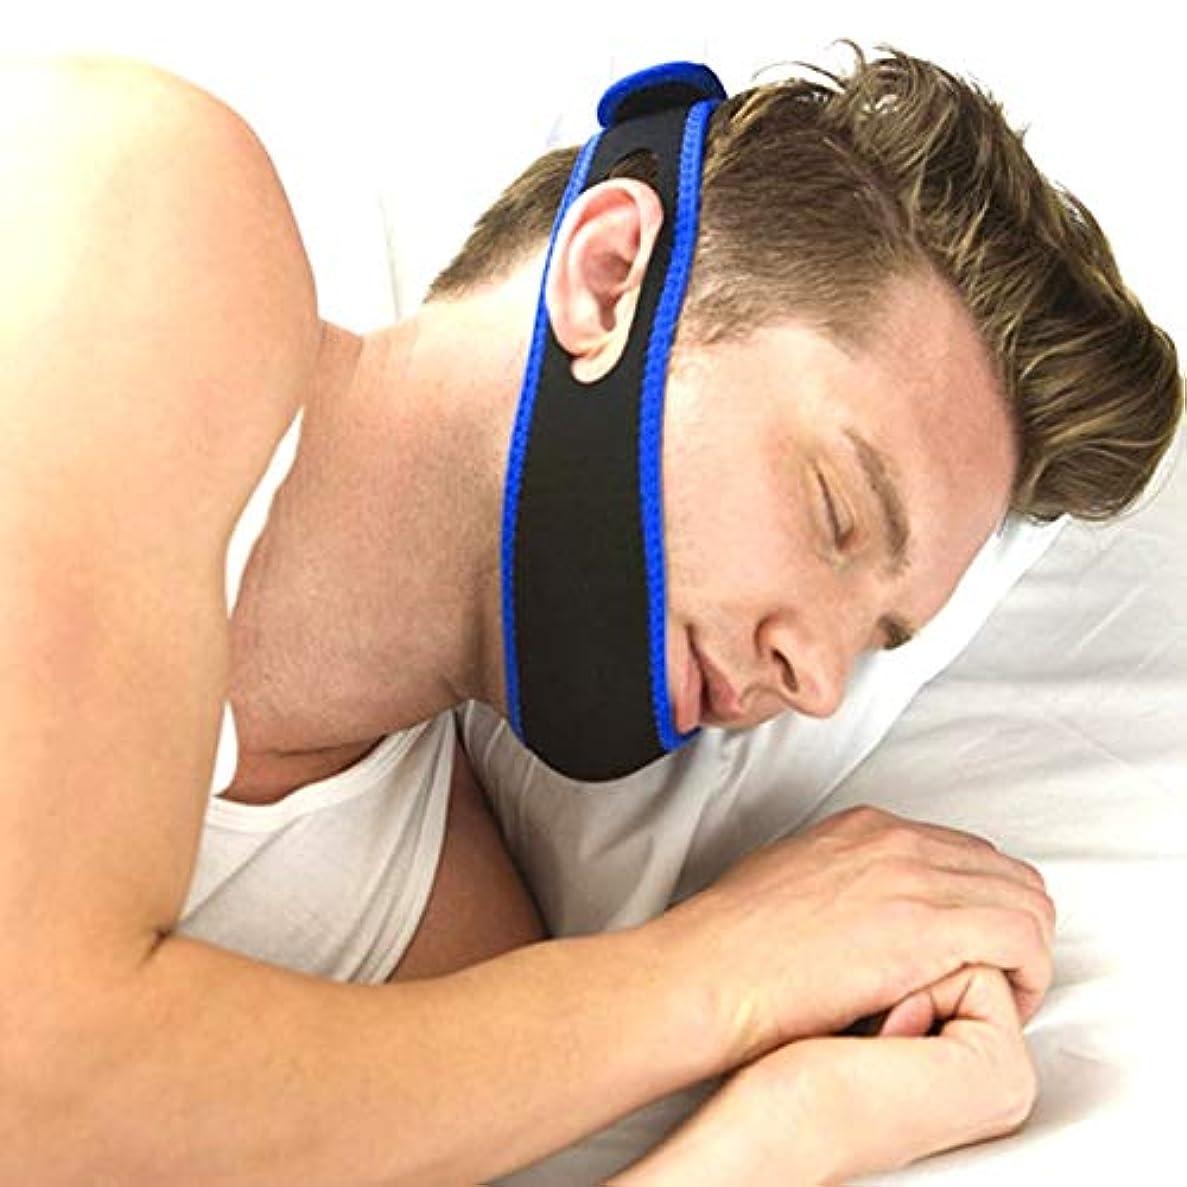 歴史家義務付けられた調整NOTE 抗いびき鼻清浄機鼻拡張器息をしやすいAntiSnoreチンストラップ抗いびきマウスピースストップいびきコーン渋滞補助